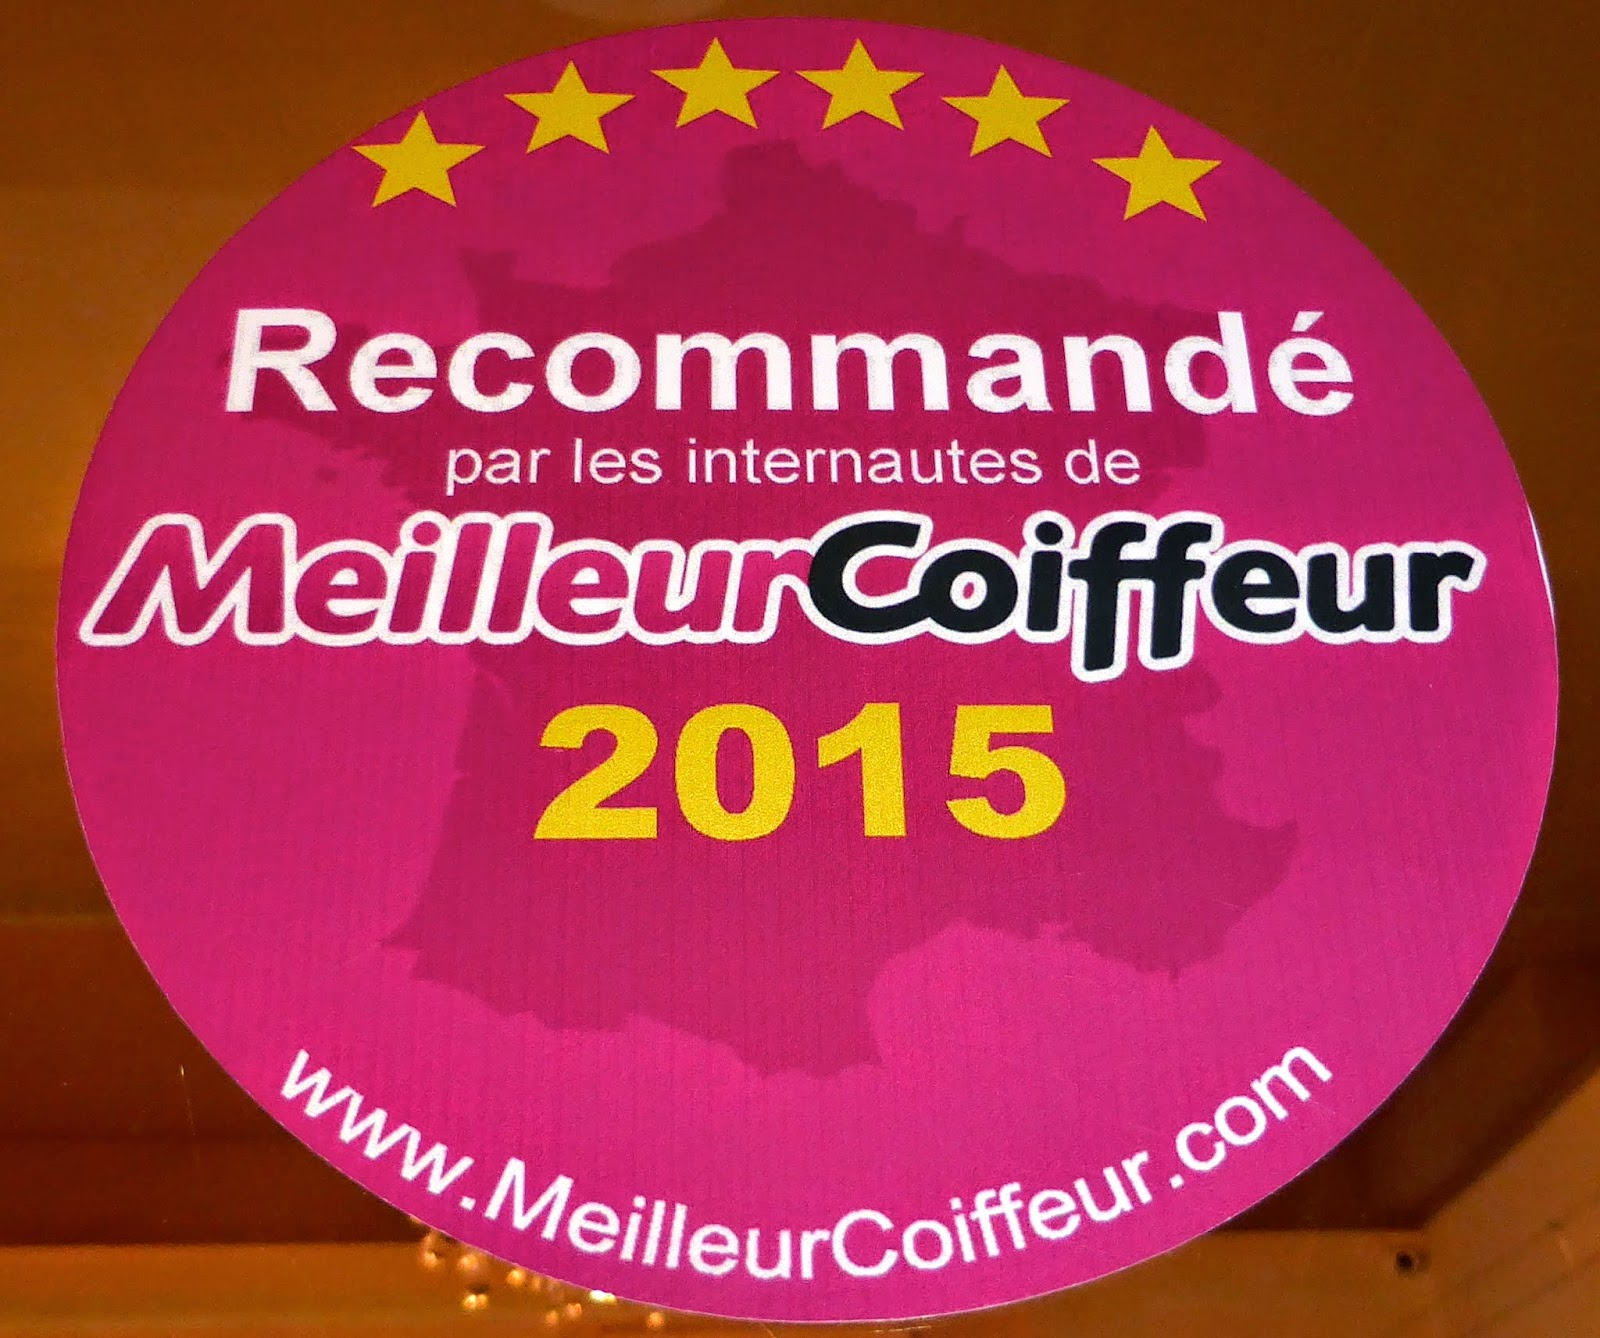 Vitrophanie MeilleurCoiffeur.com au Studio 54, salon de coiffure à Montpellier.